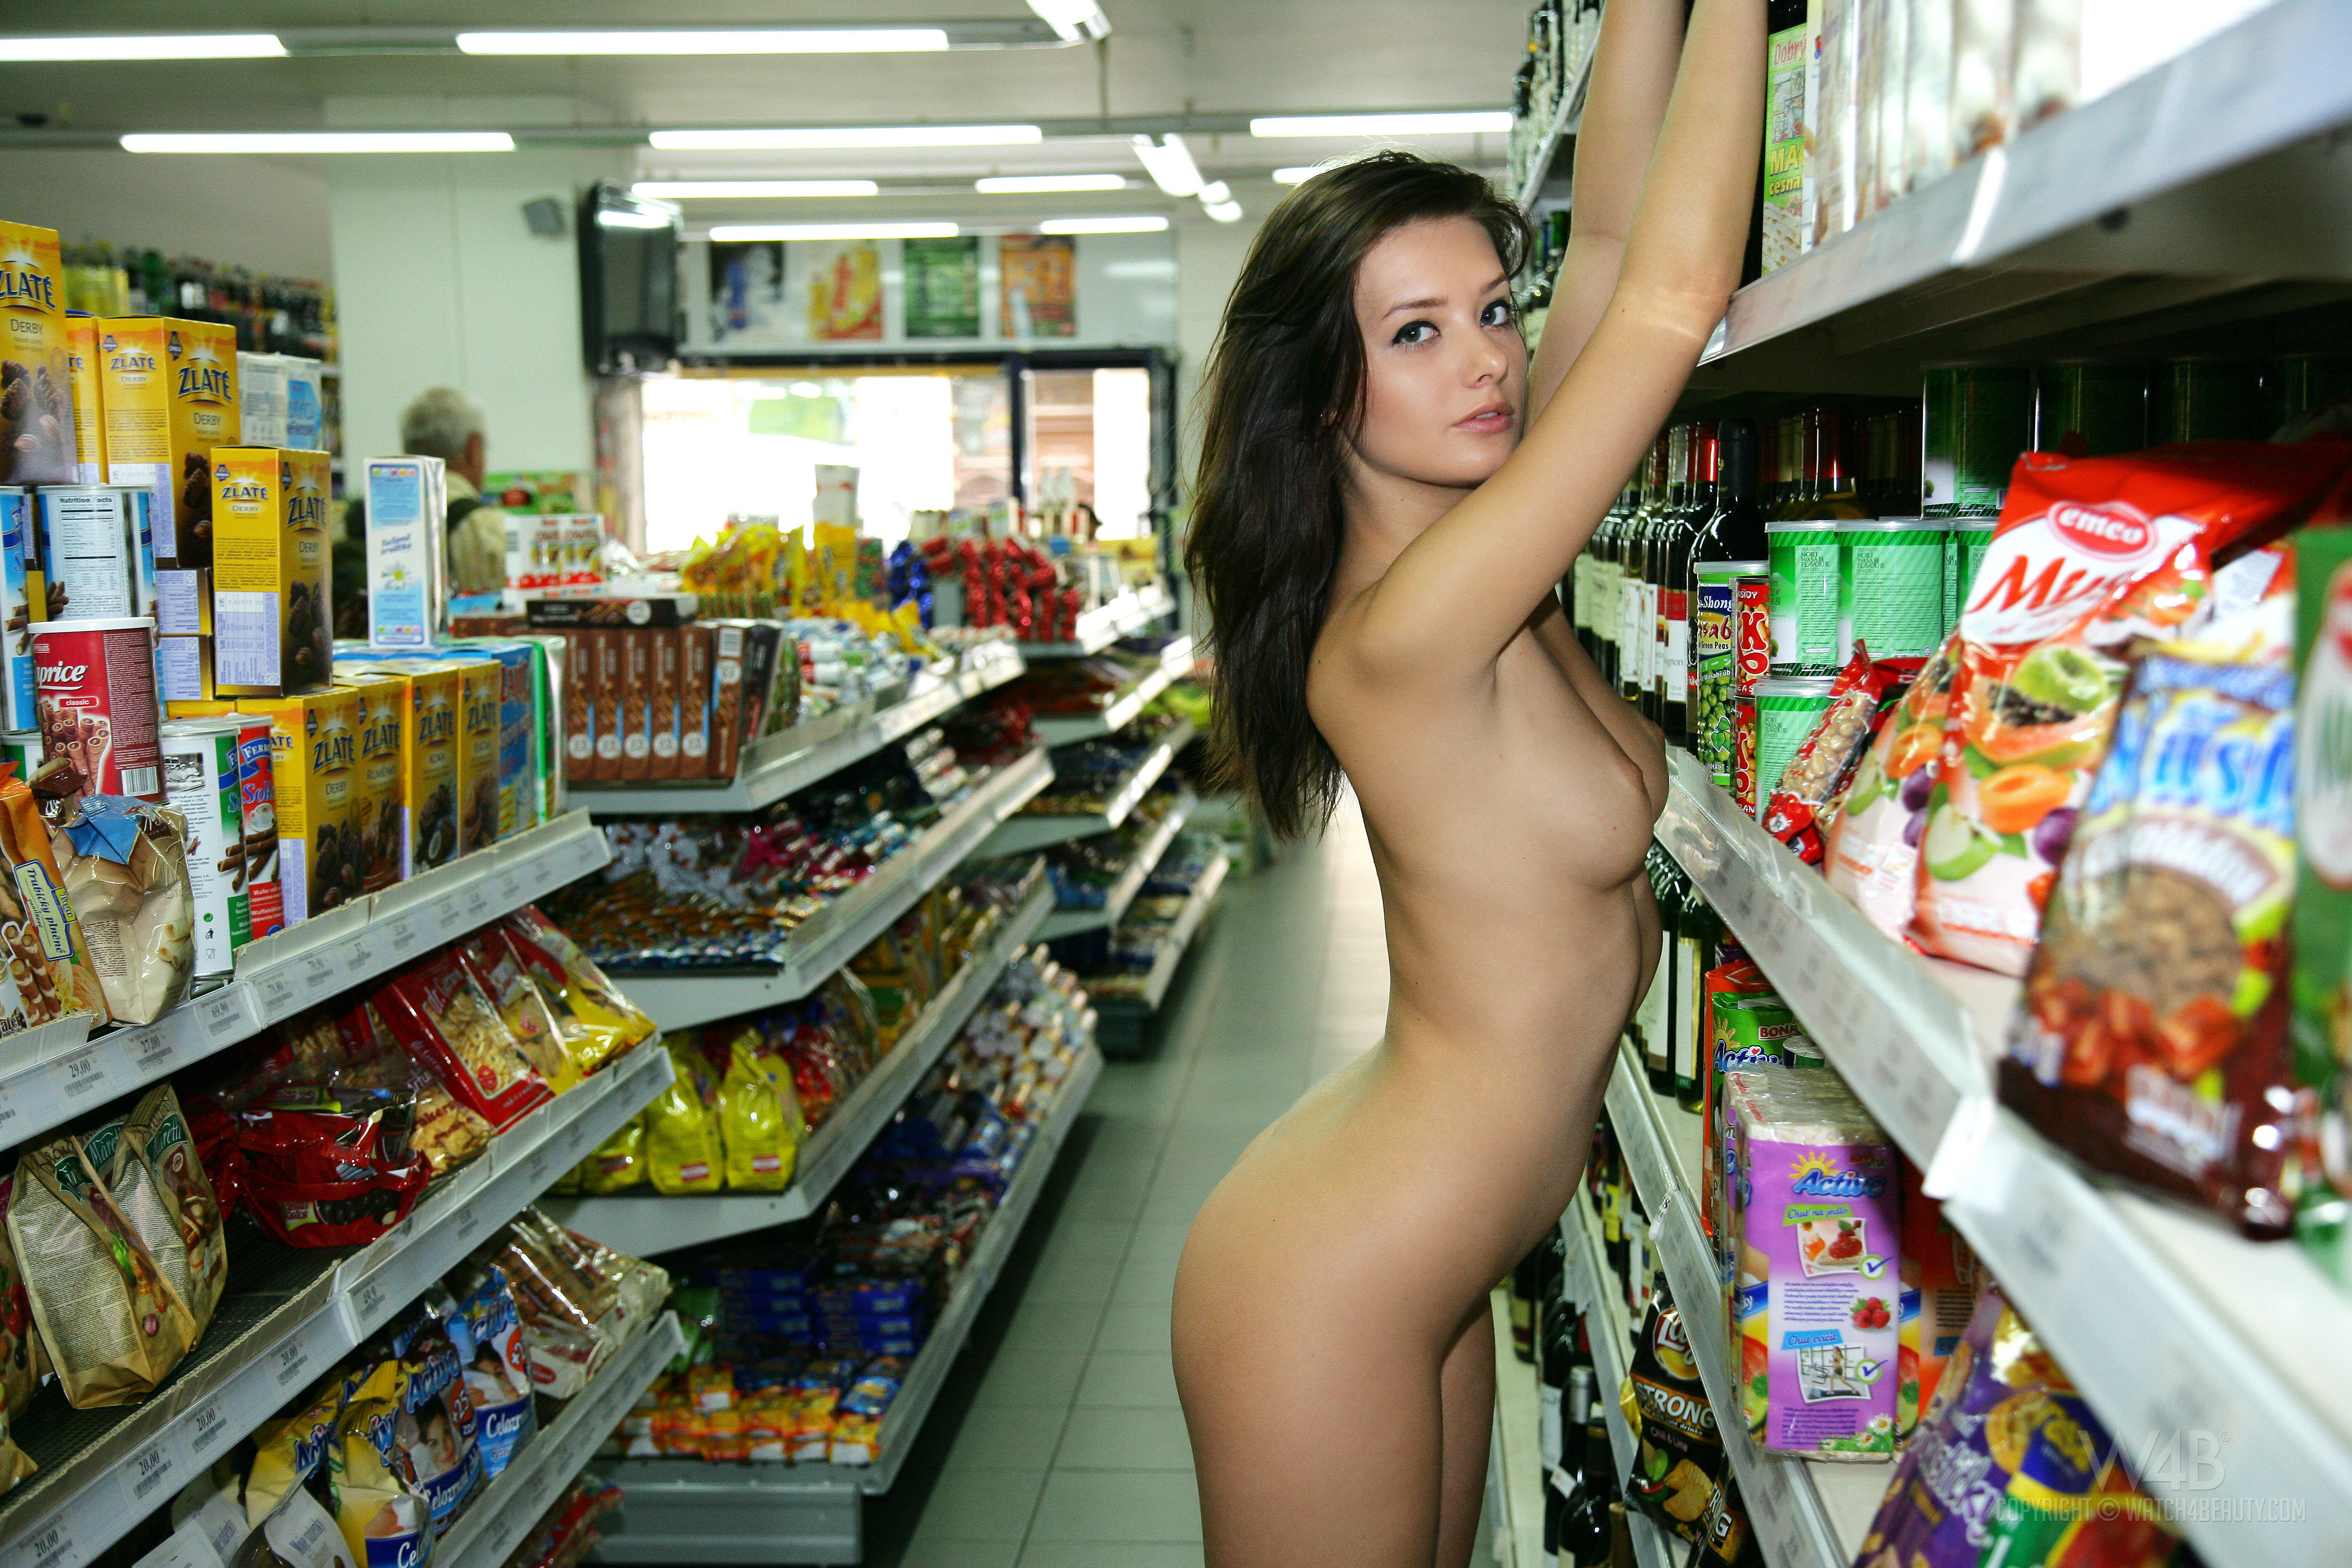 без трусиков пошла в гипермаркет очень трудно